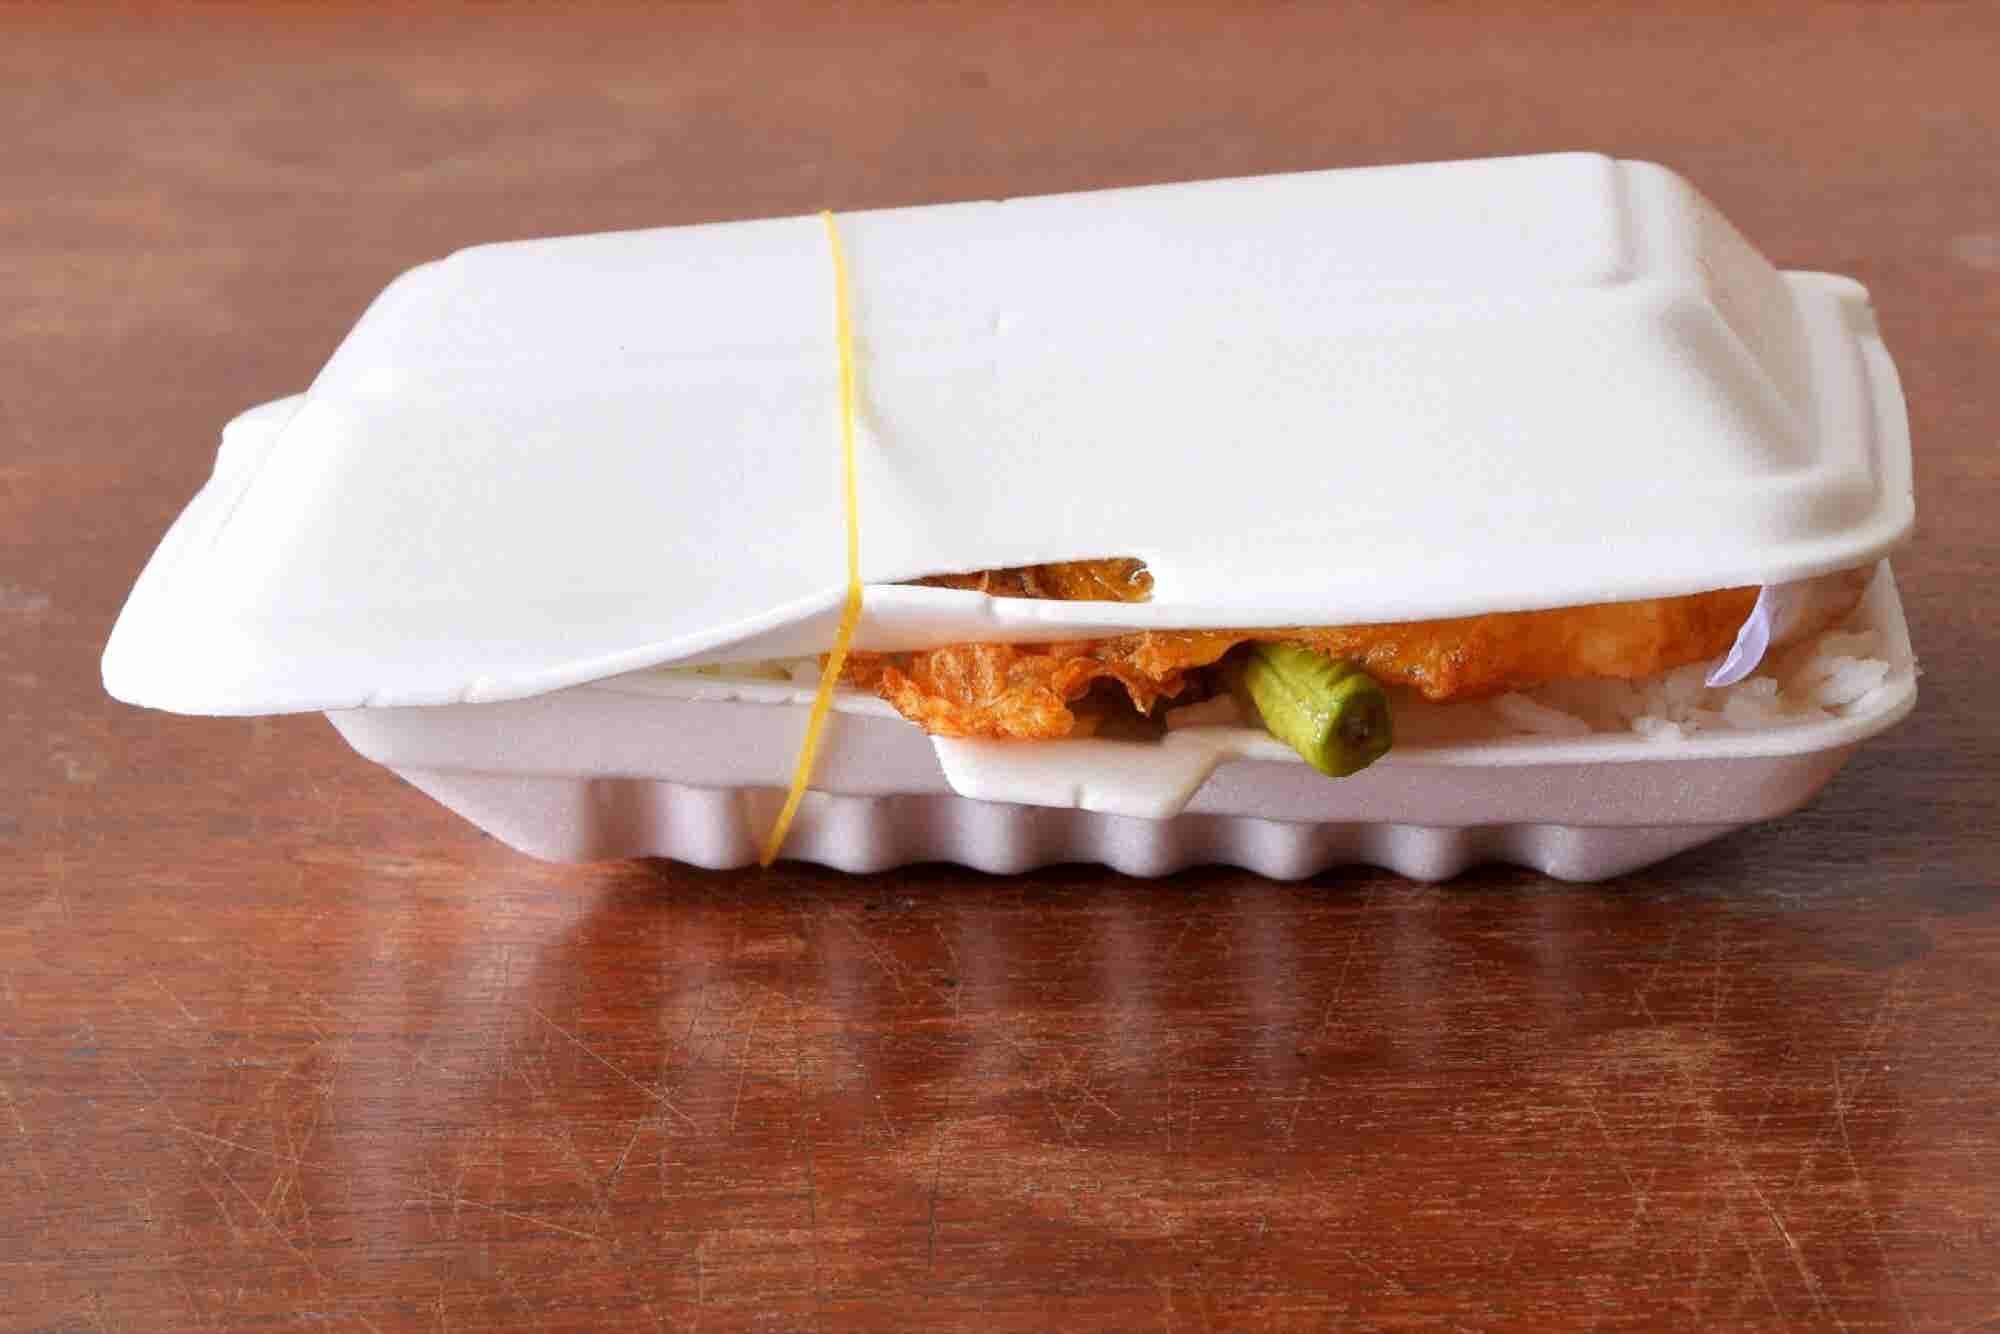 New York City's Styrofoam Ban Overturned